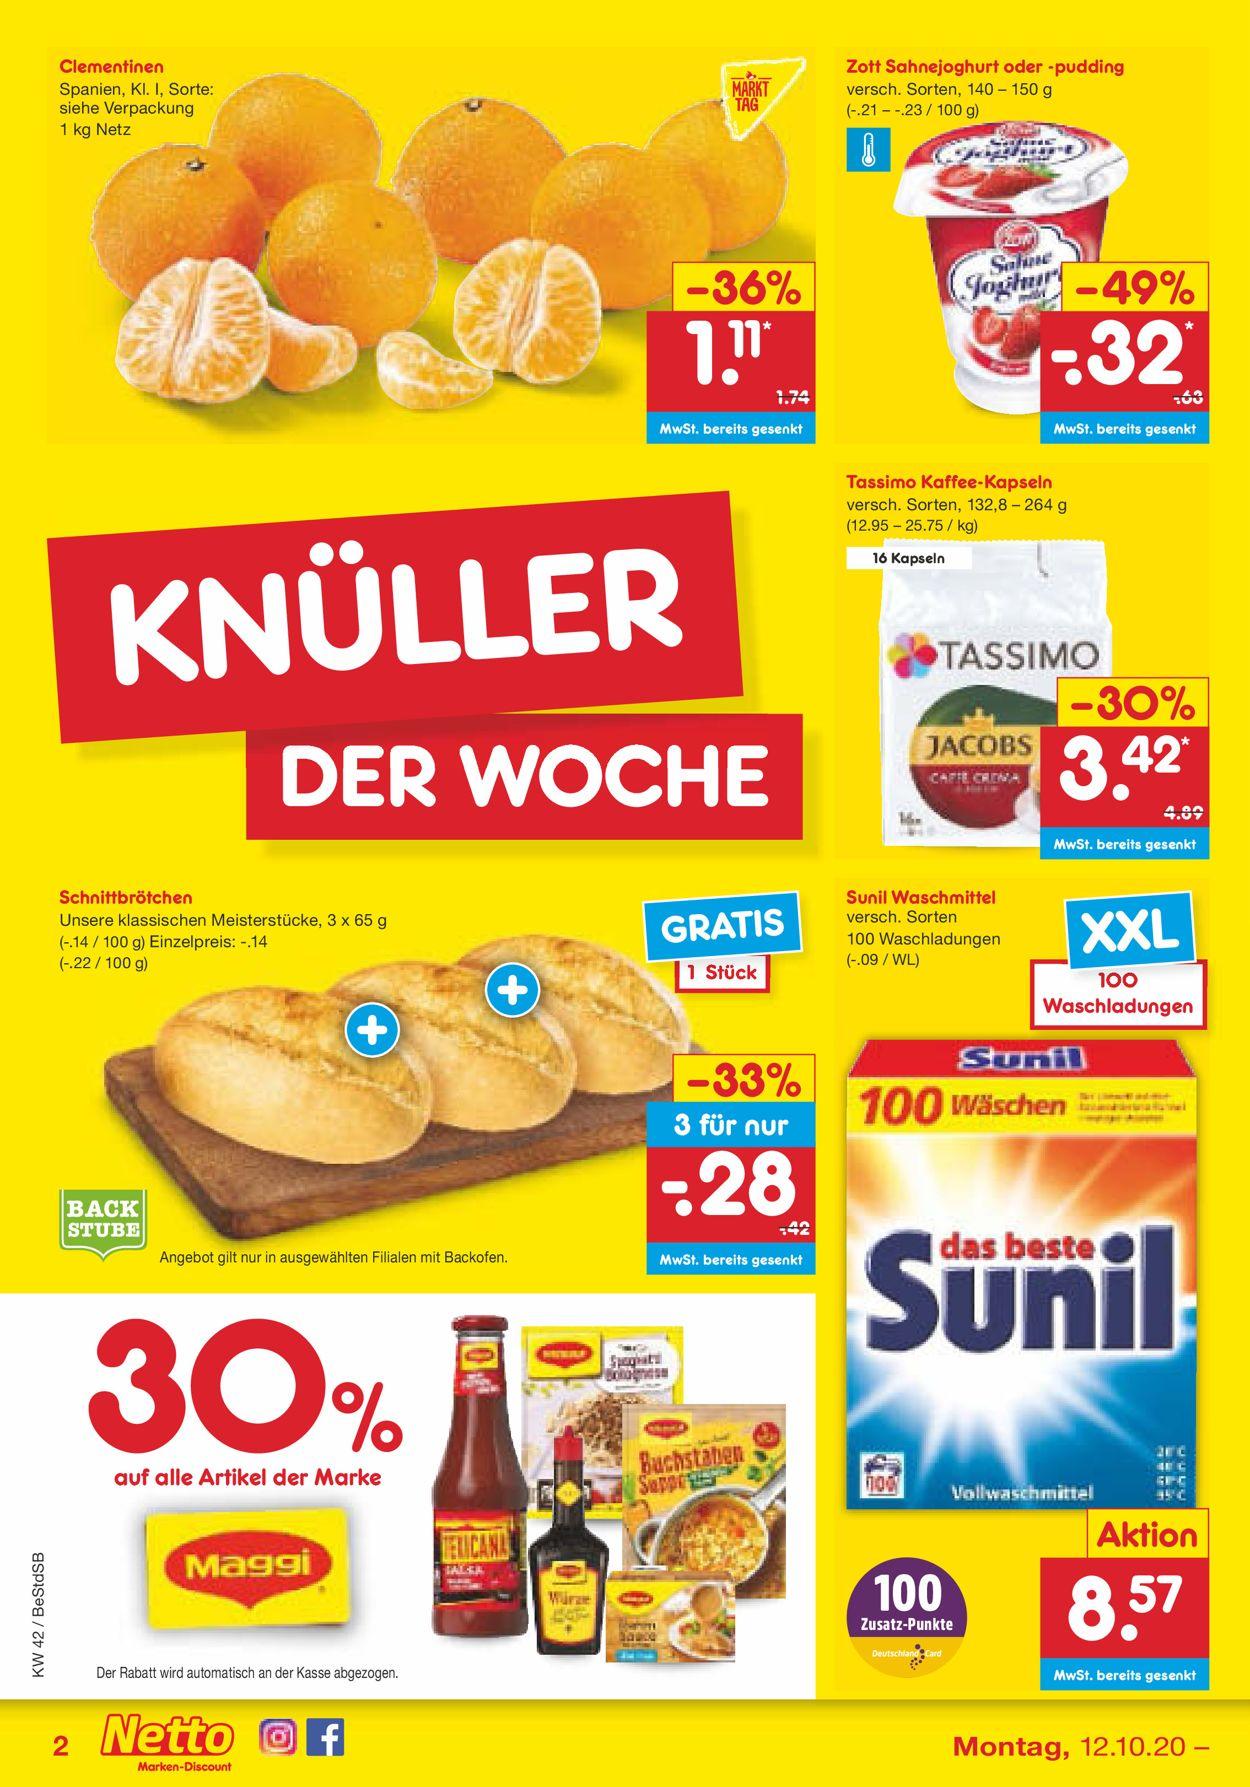 Netto Marken-Discount Prospekt - Aktuell vom 12.10-17.10.2020 (Seite 2)